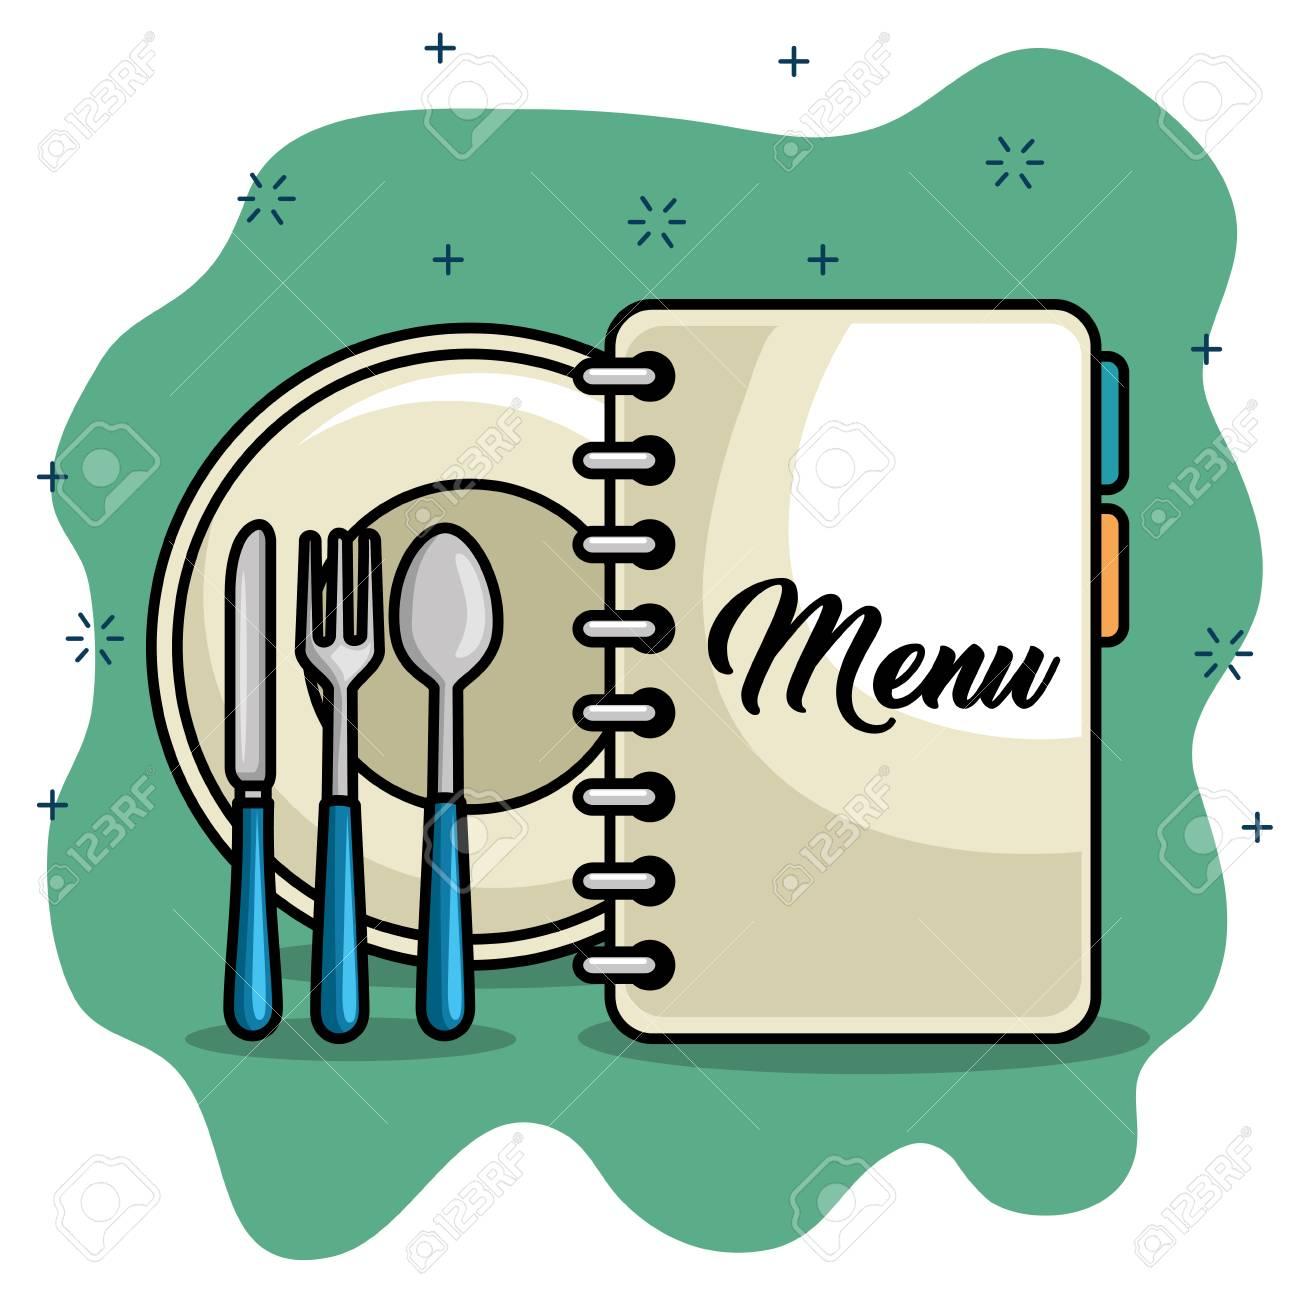 Logo restaurant.jpg